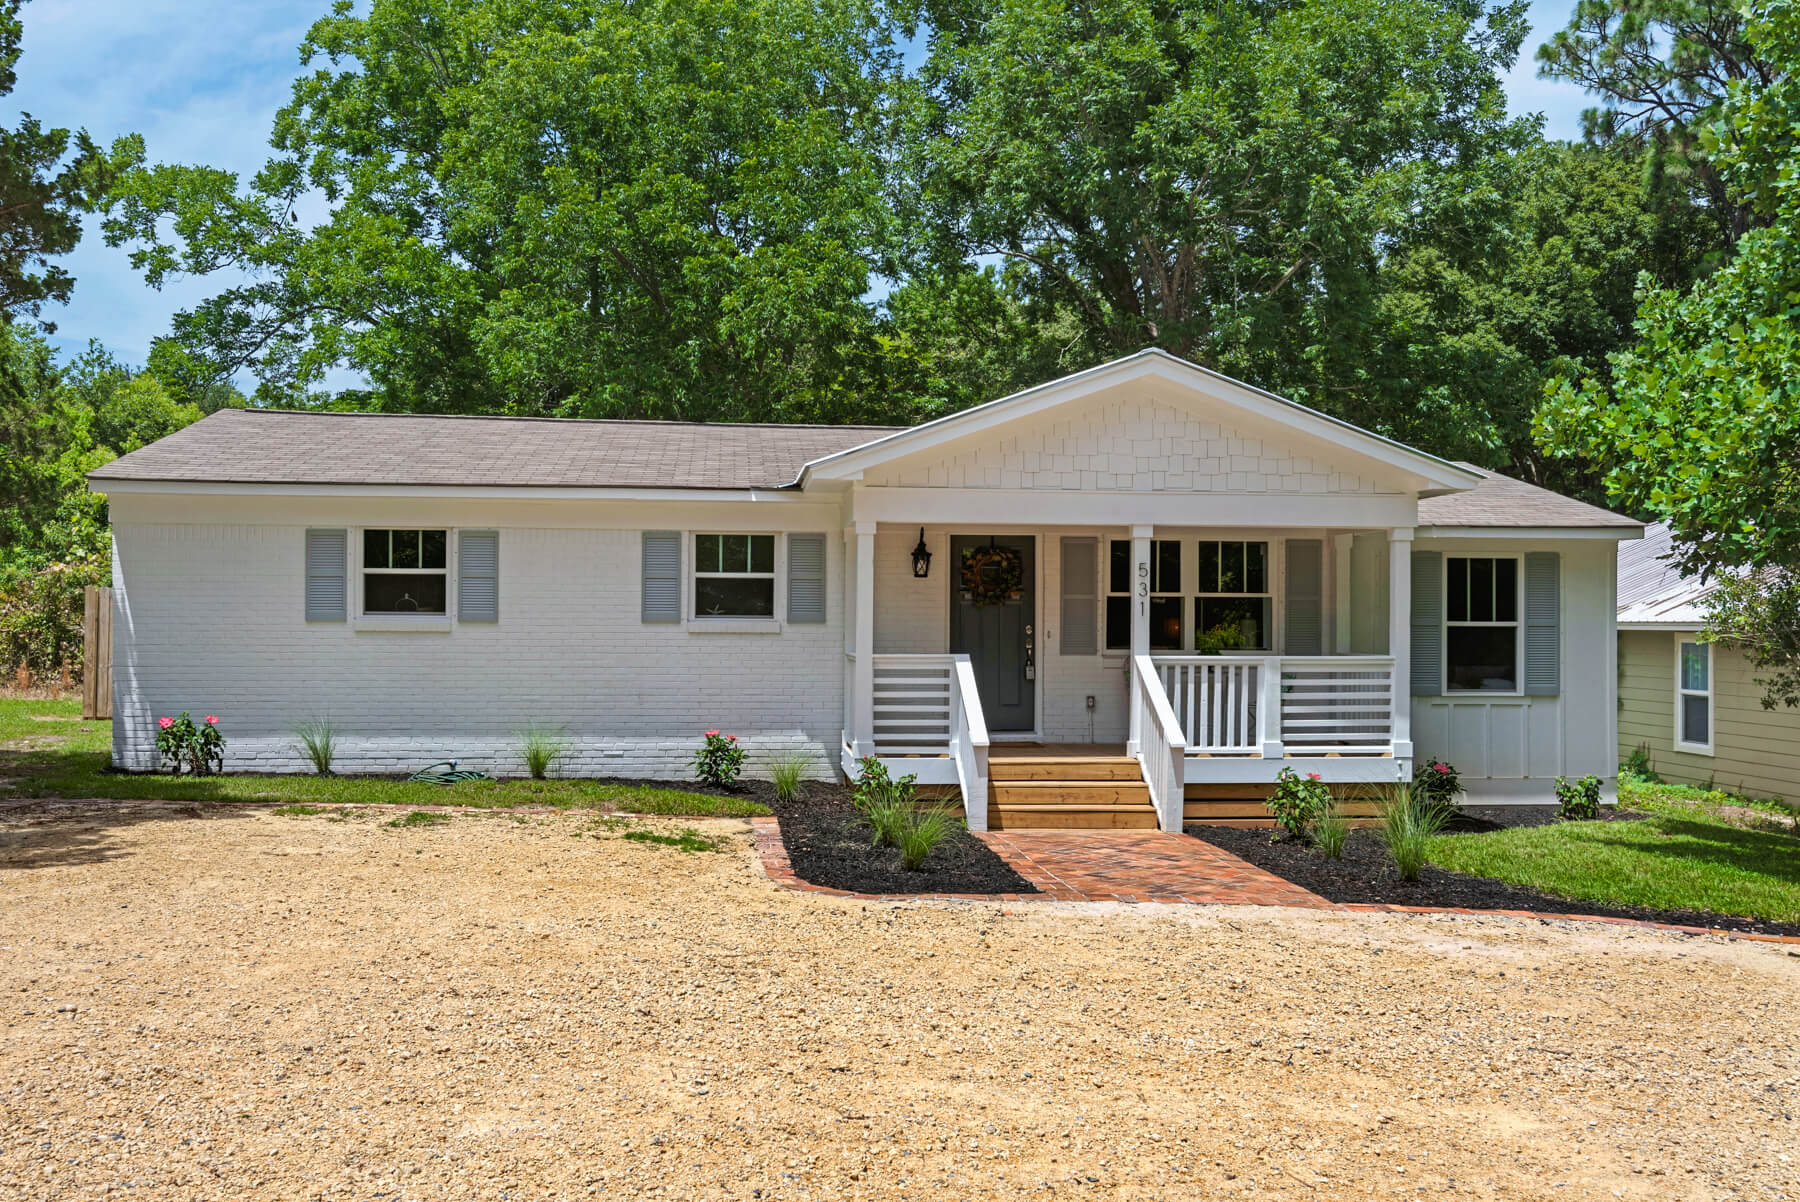 531gayfer.com movetobaldwincounty.com Urban Property 320